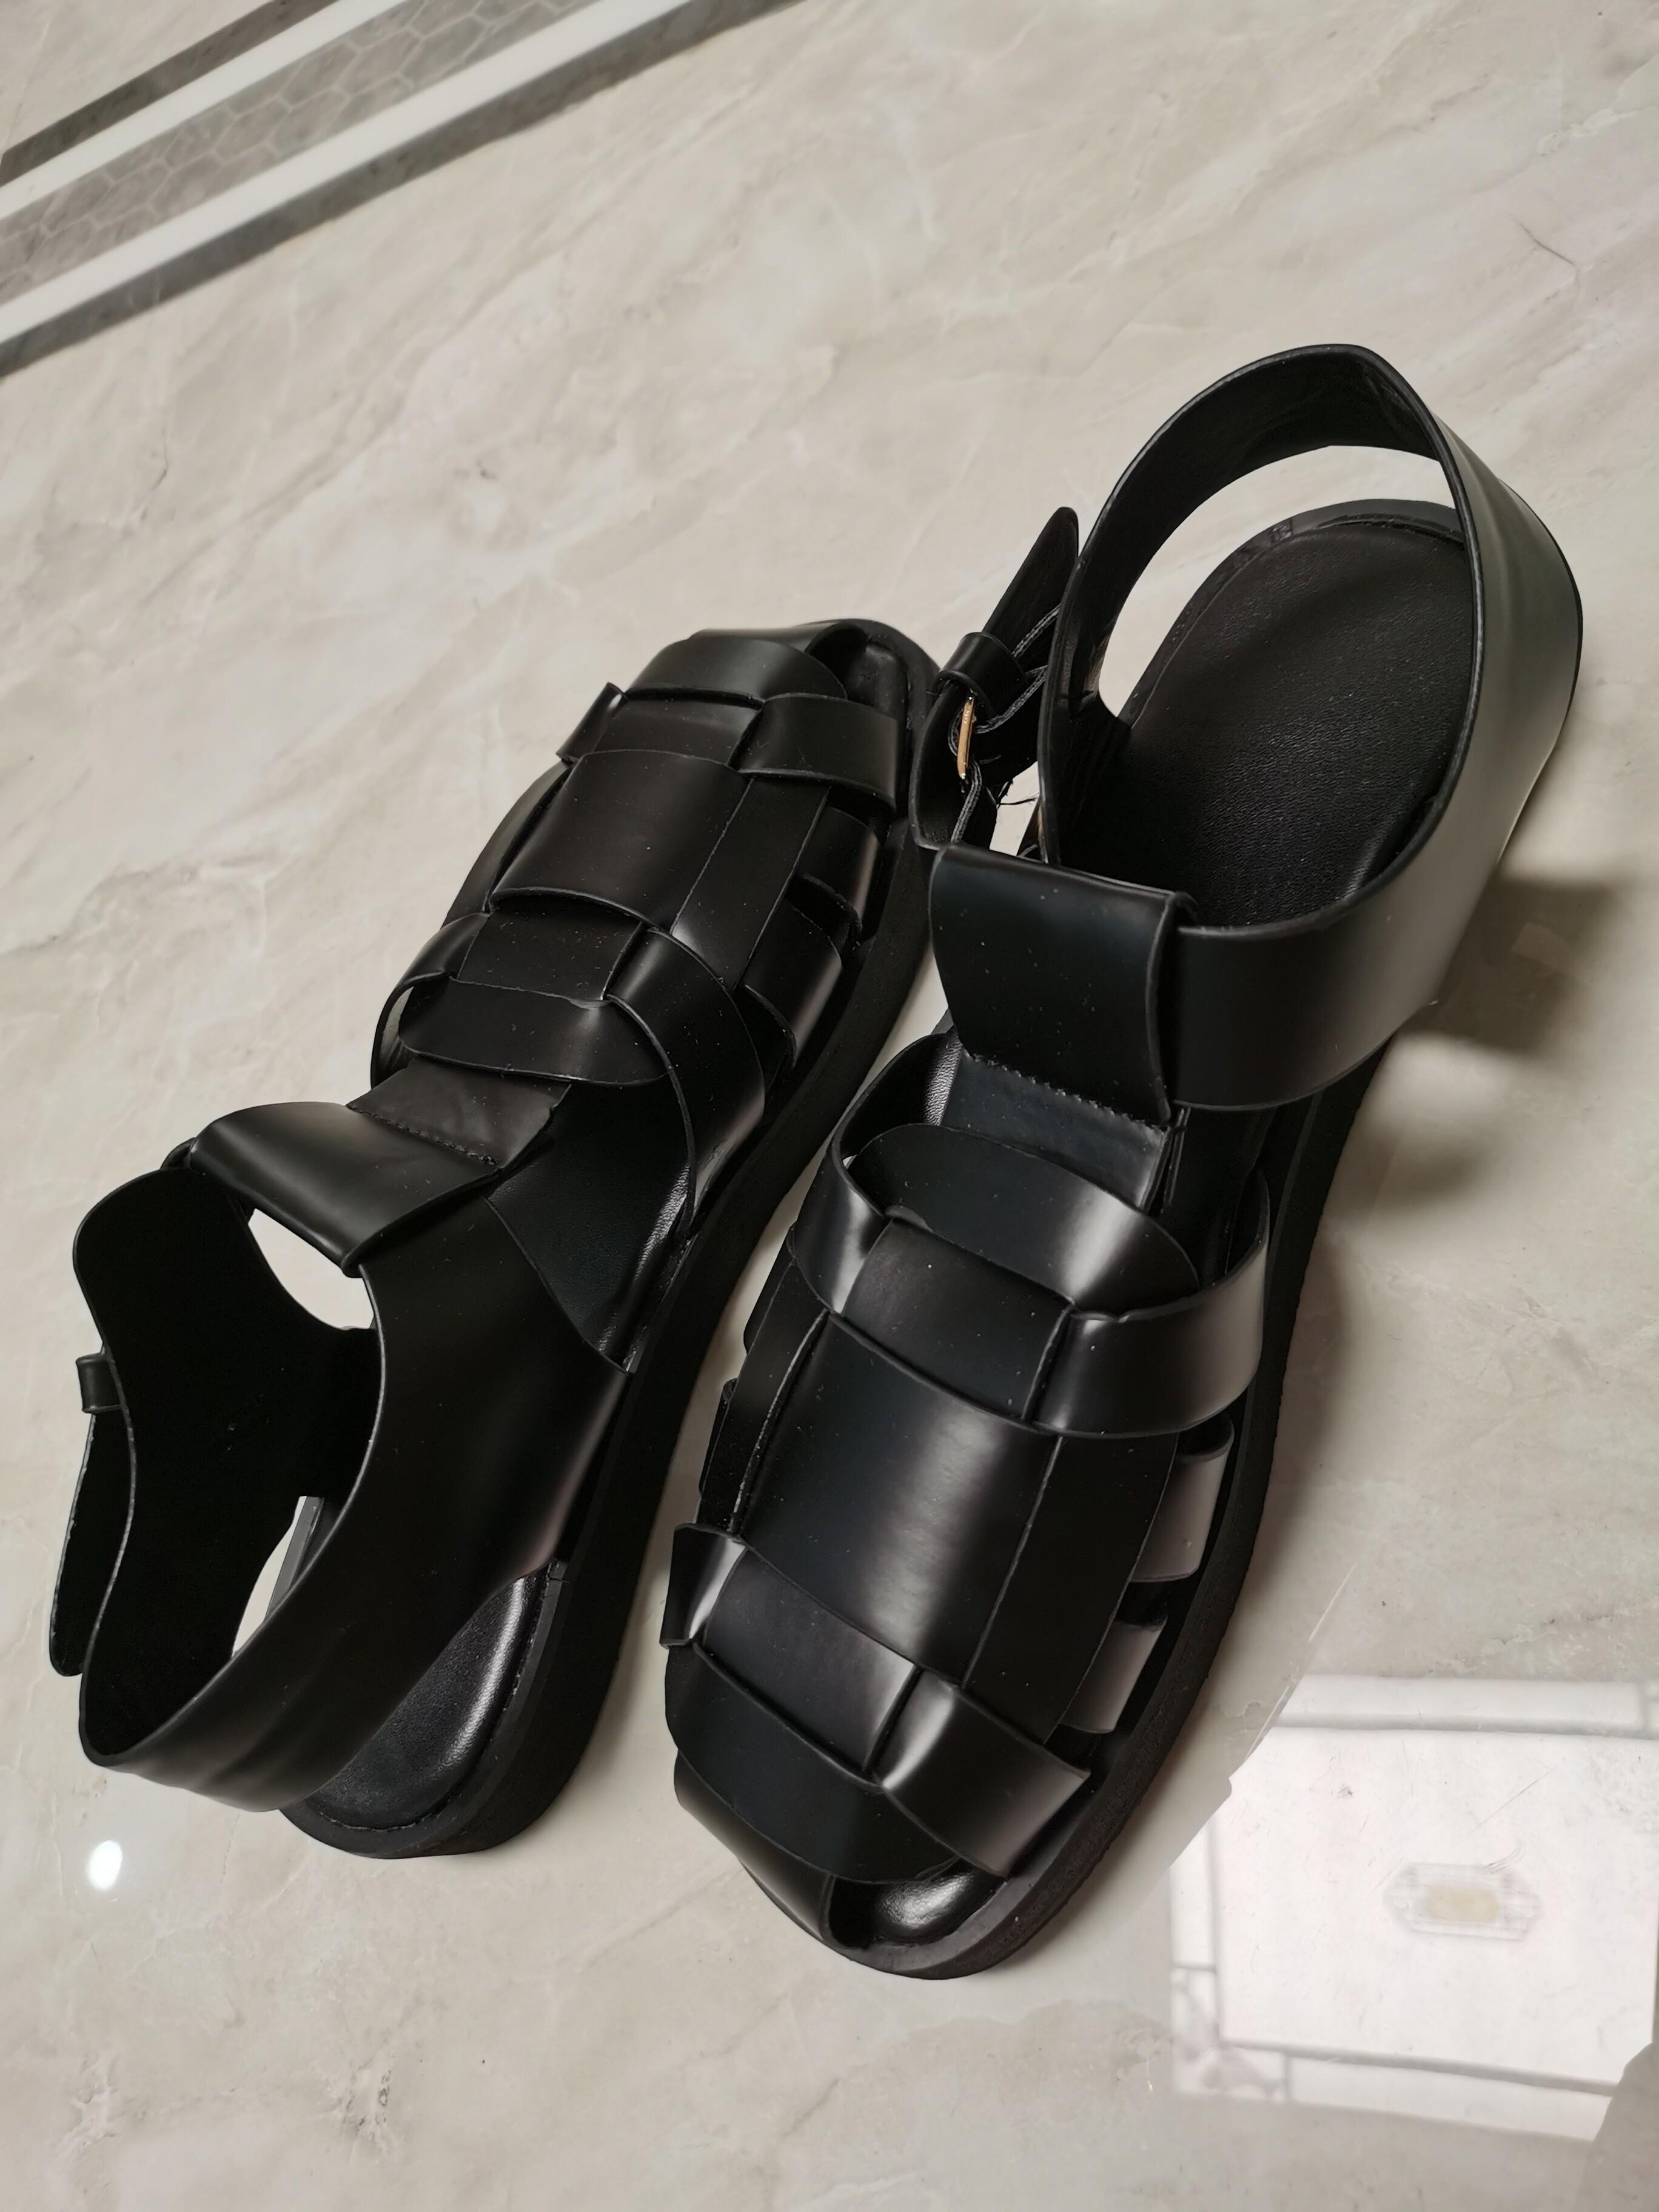 新款复古鞋网红渔夫鞋凉鞋 款式:罗马鞋 鞋底材质:橡胶 鞋底